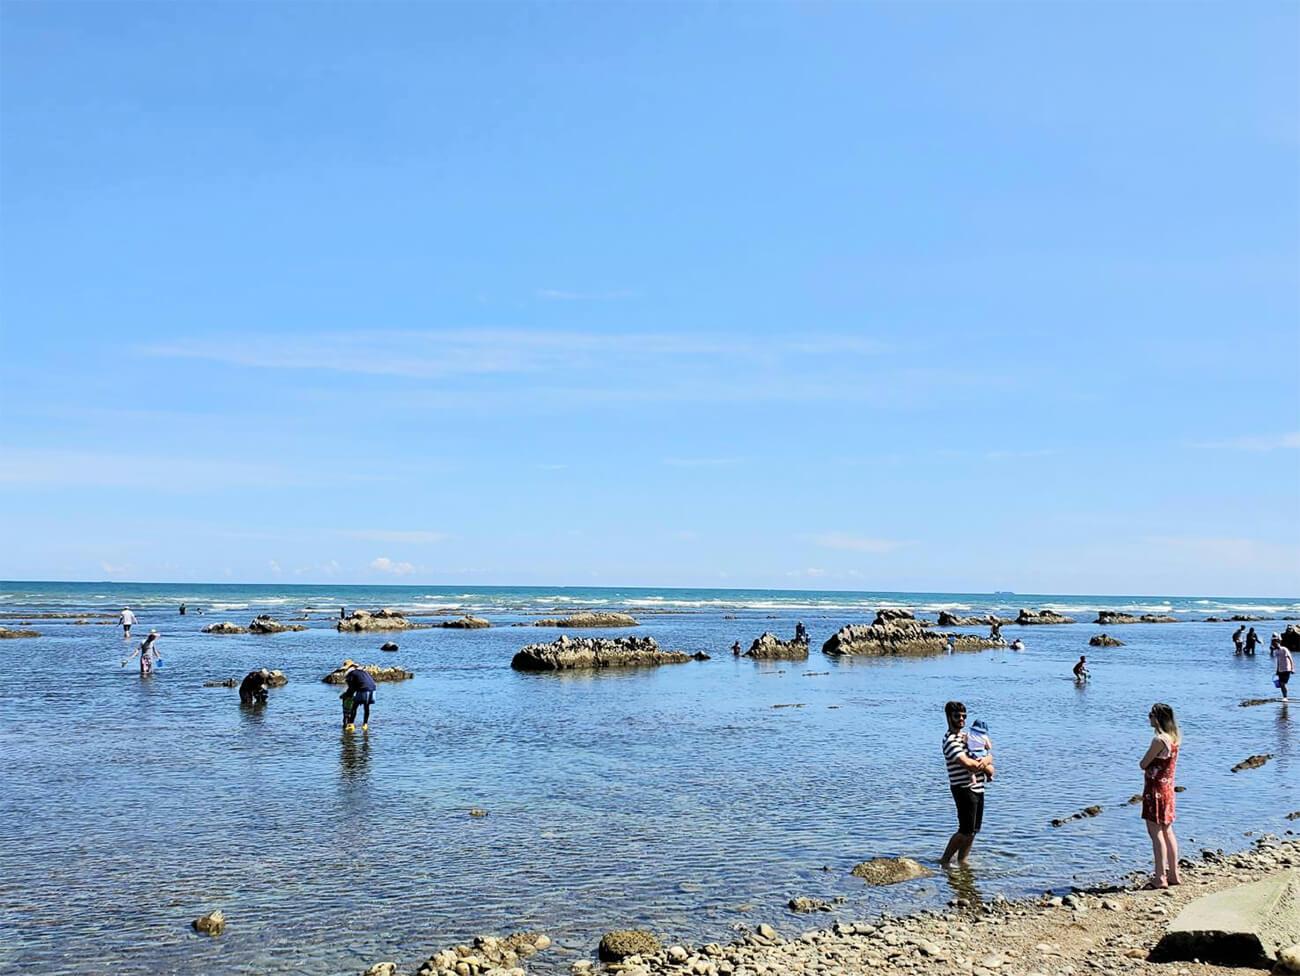 太平洋と戯れる天然の水族館